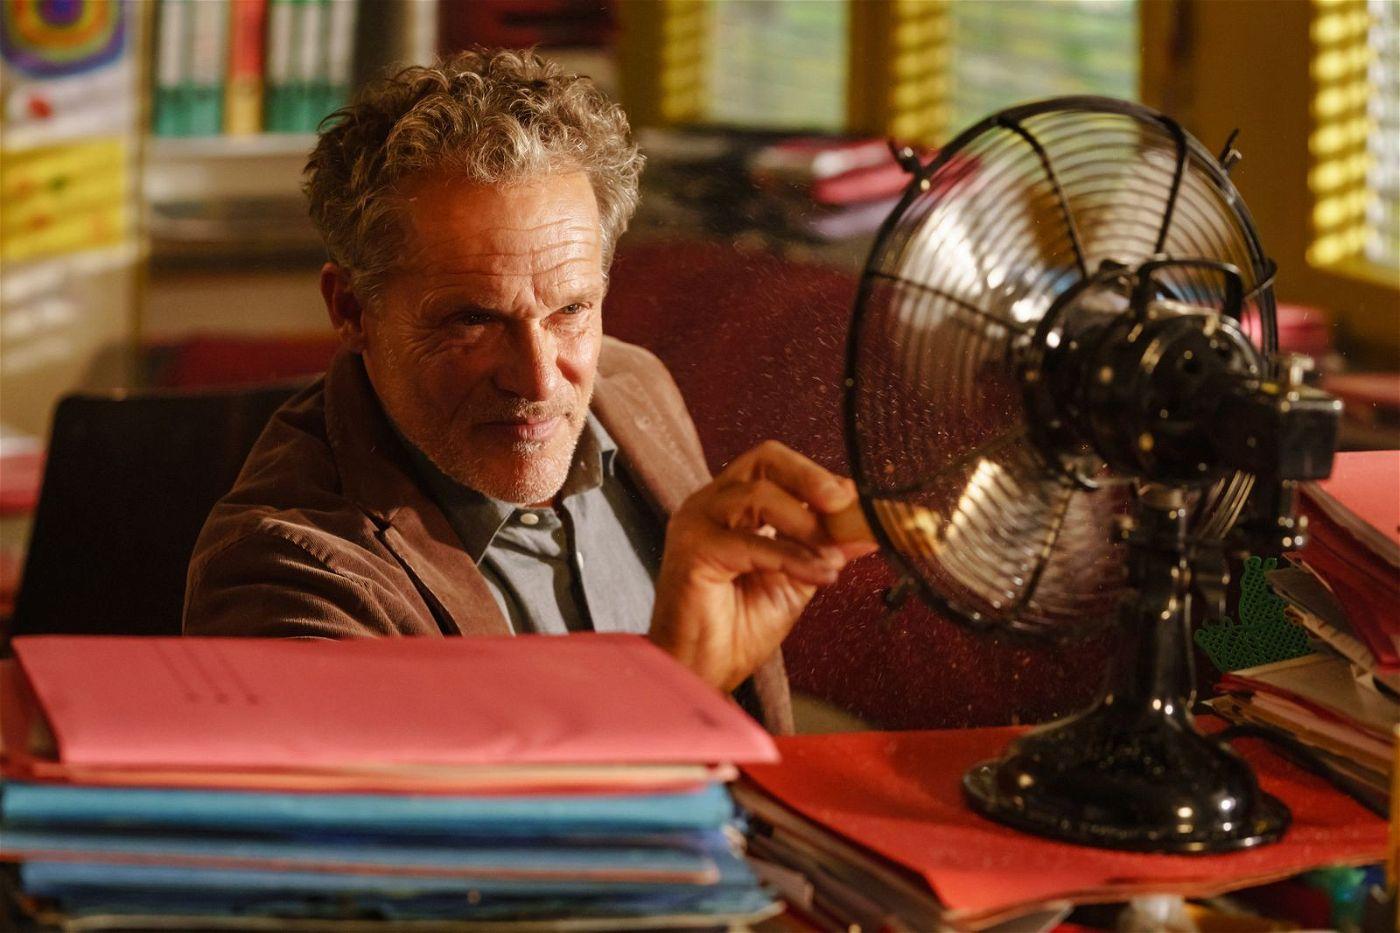 Der Schulleiter (Christian Tramitz) leidet unter Burn-out und möchte sich selbst mit einem Ventilator verletzen.